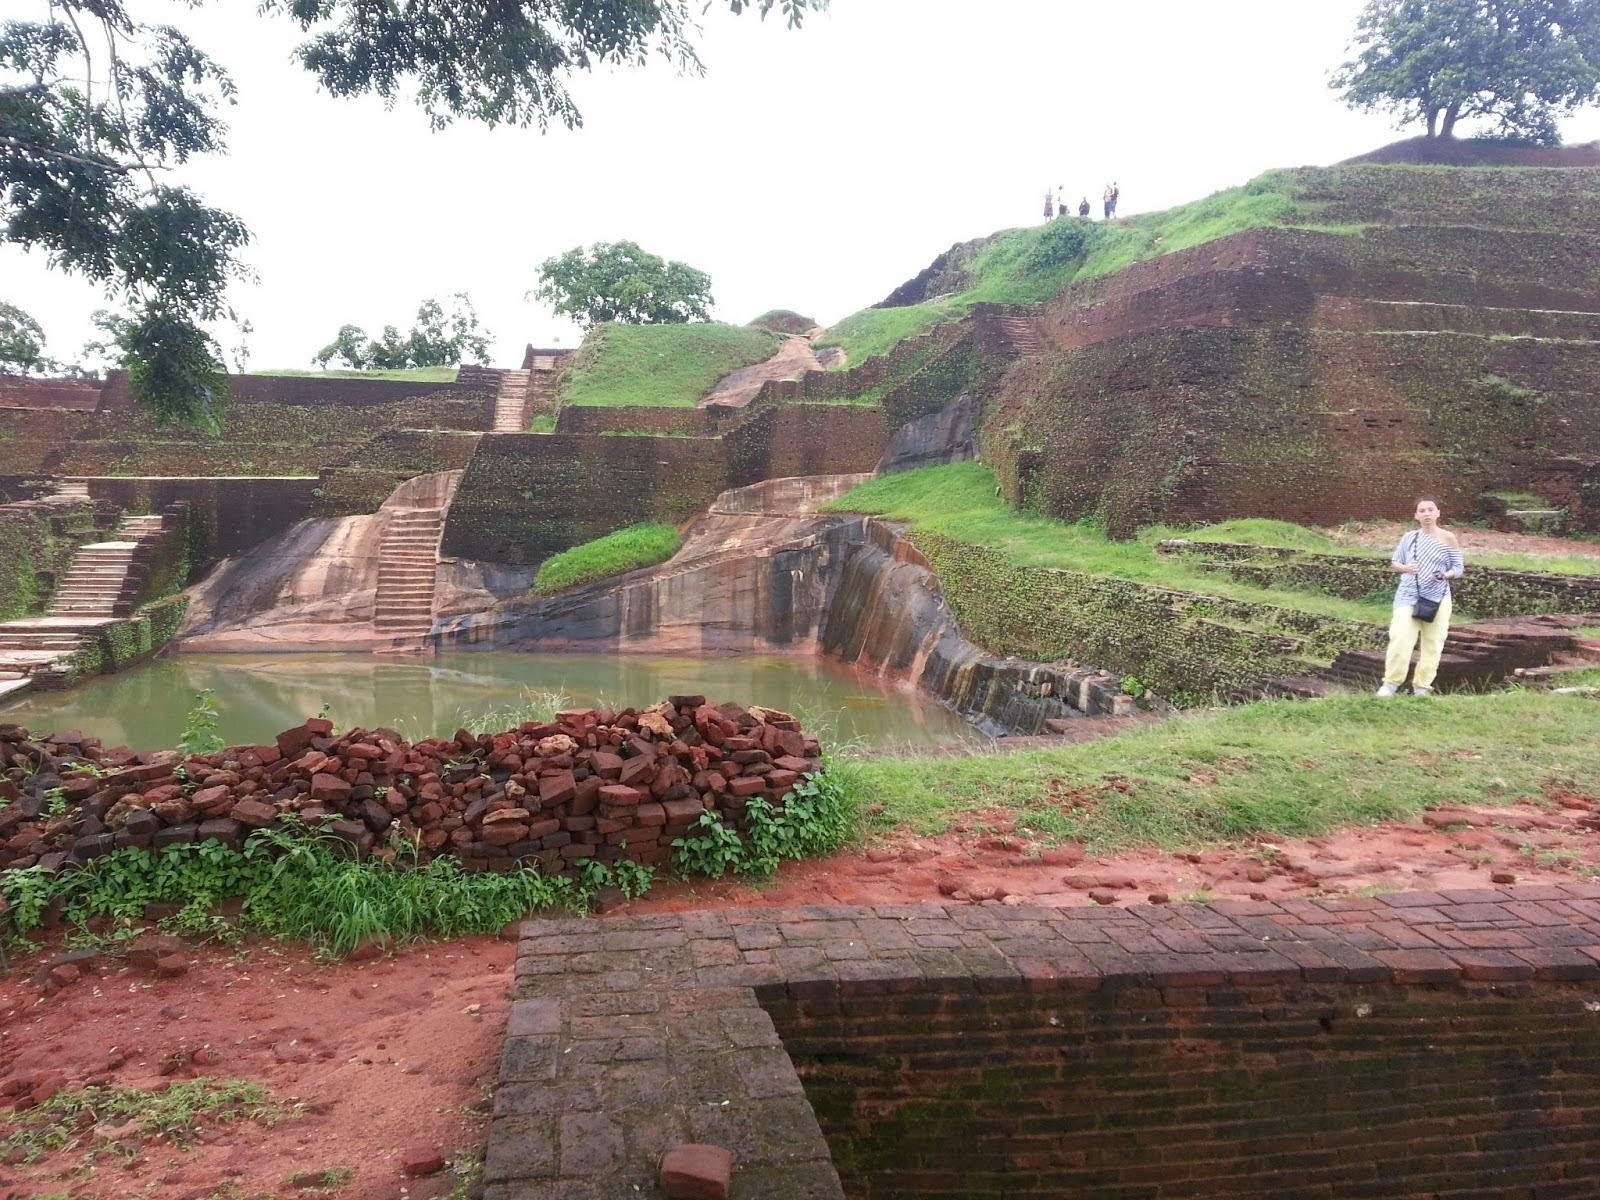 Уникальный гранитный бассейн, целиком вырезанный в скале у подножия пирамиды вершине Сигирии, загадки истории